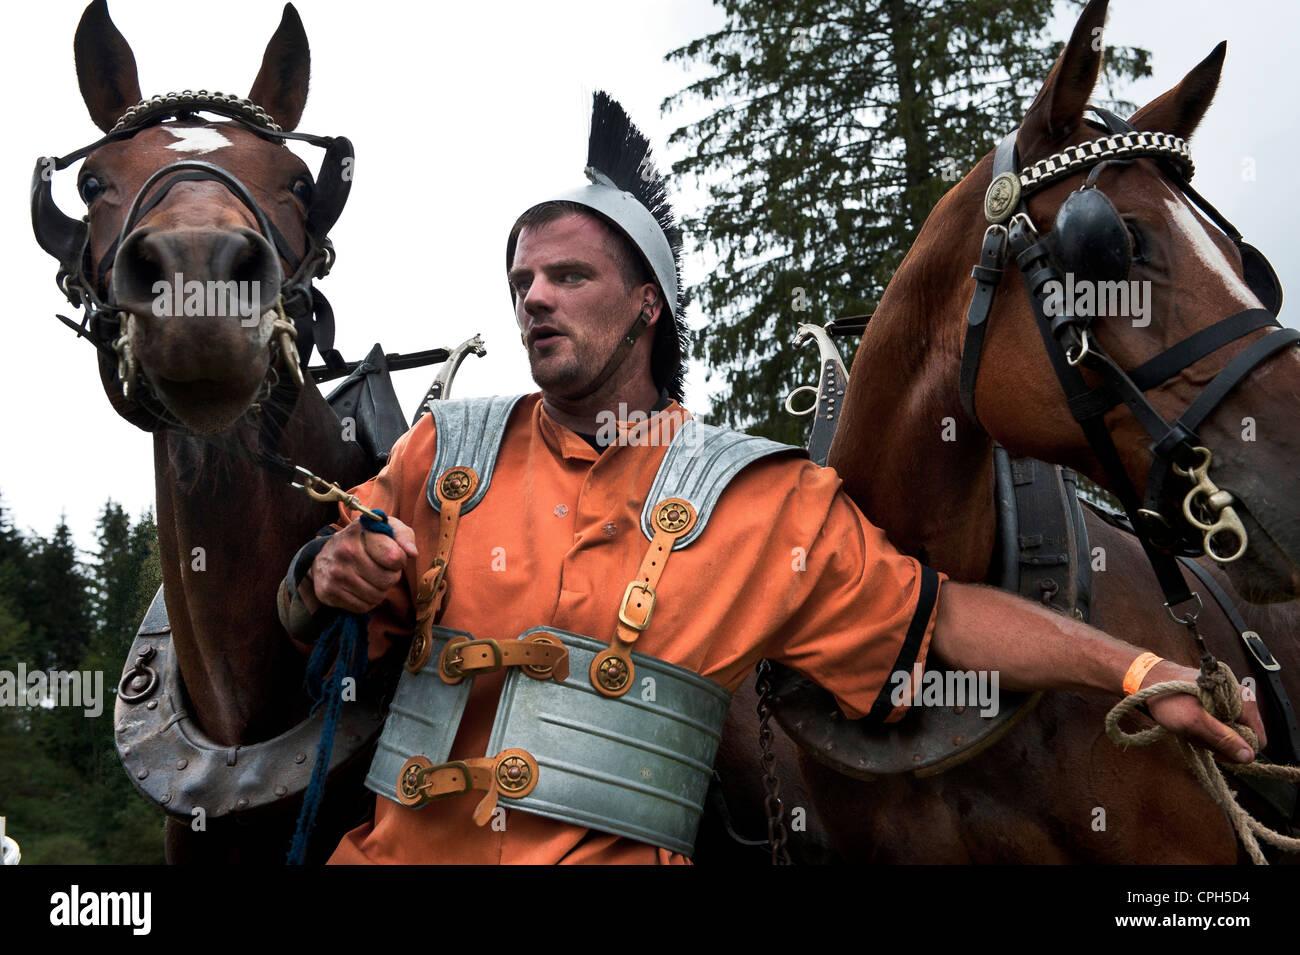 Personalizzato, tradizioni, costumi, Franche montagne, Auriga, gladiator, romana, cavalli, cavallo di razza, Saignelégier, Immagini Stock